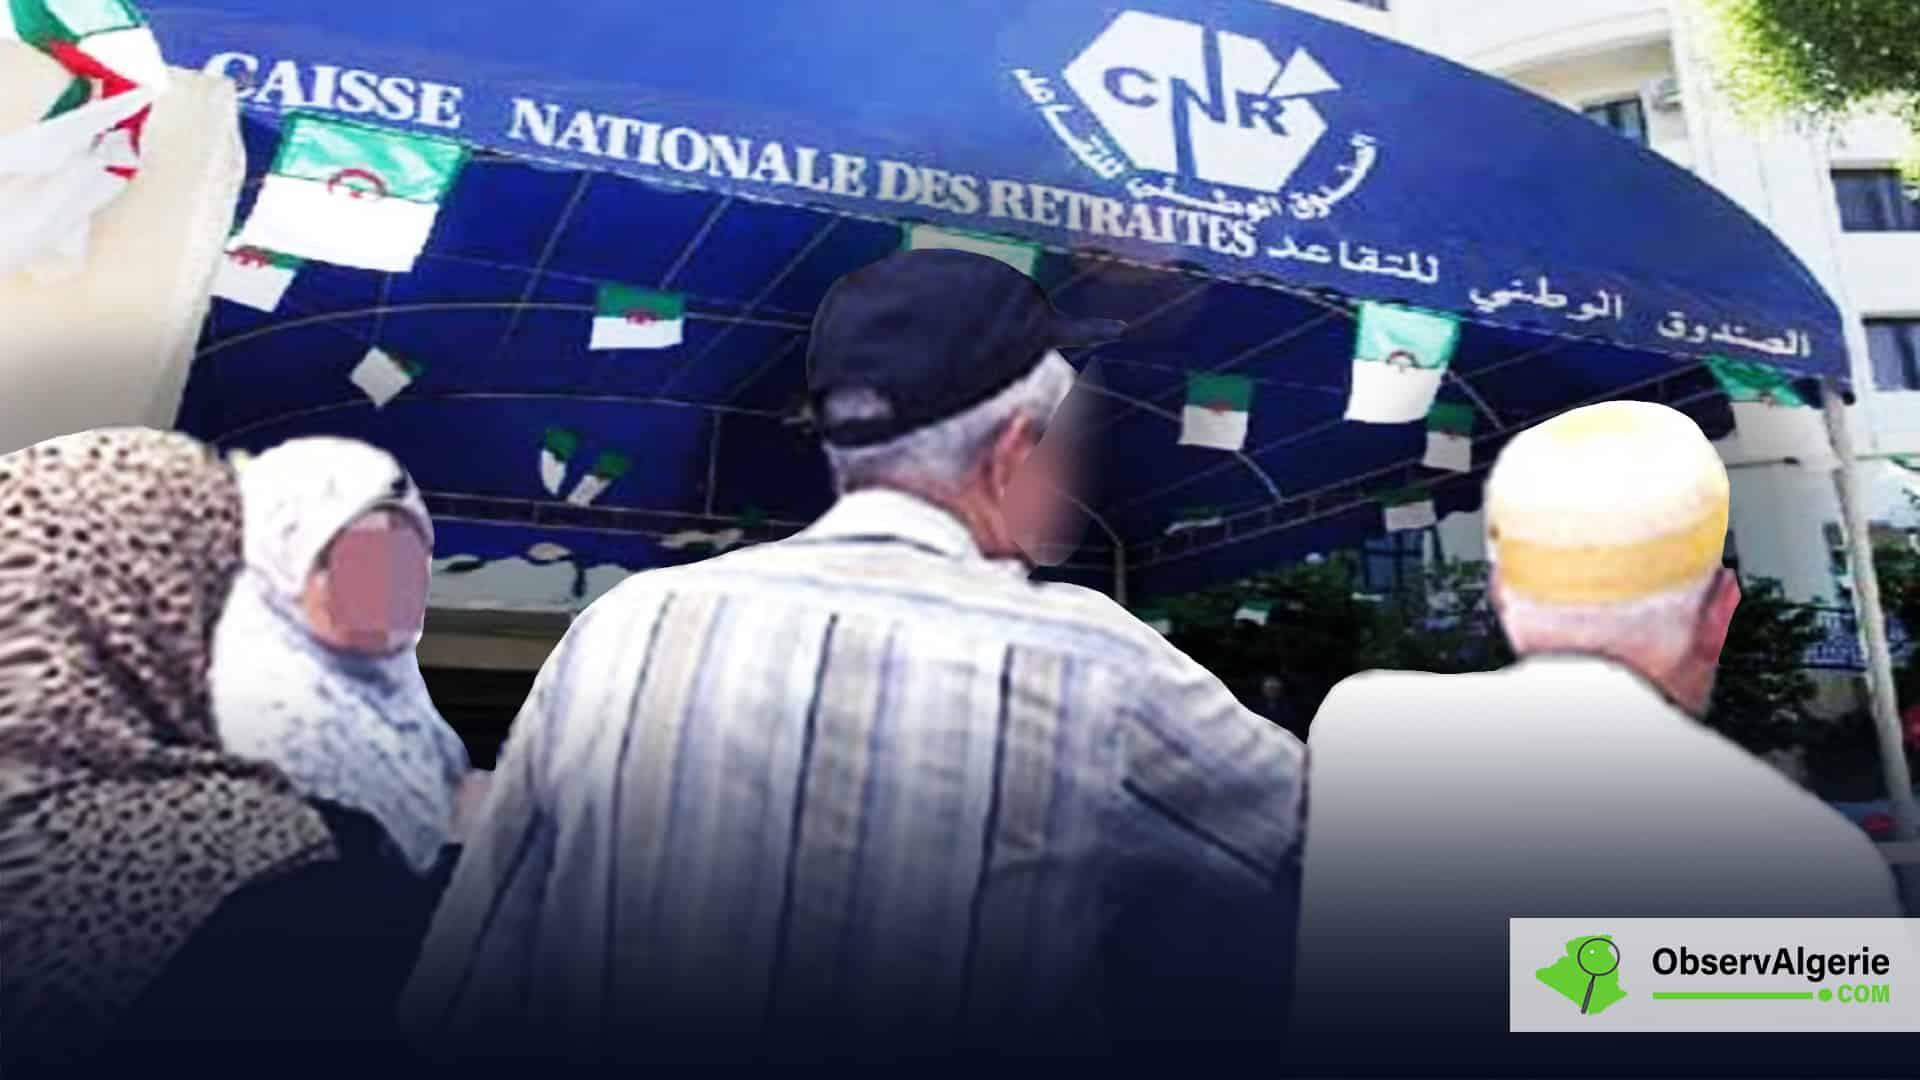 Algérie : Les dates du versement des pensions des retraités avancées